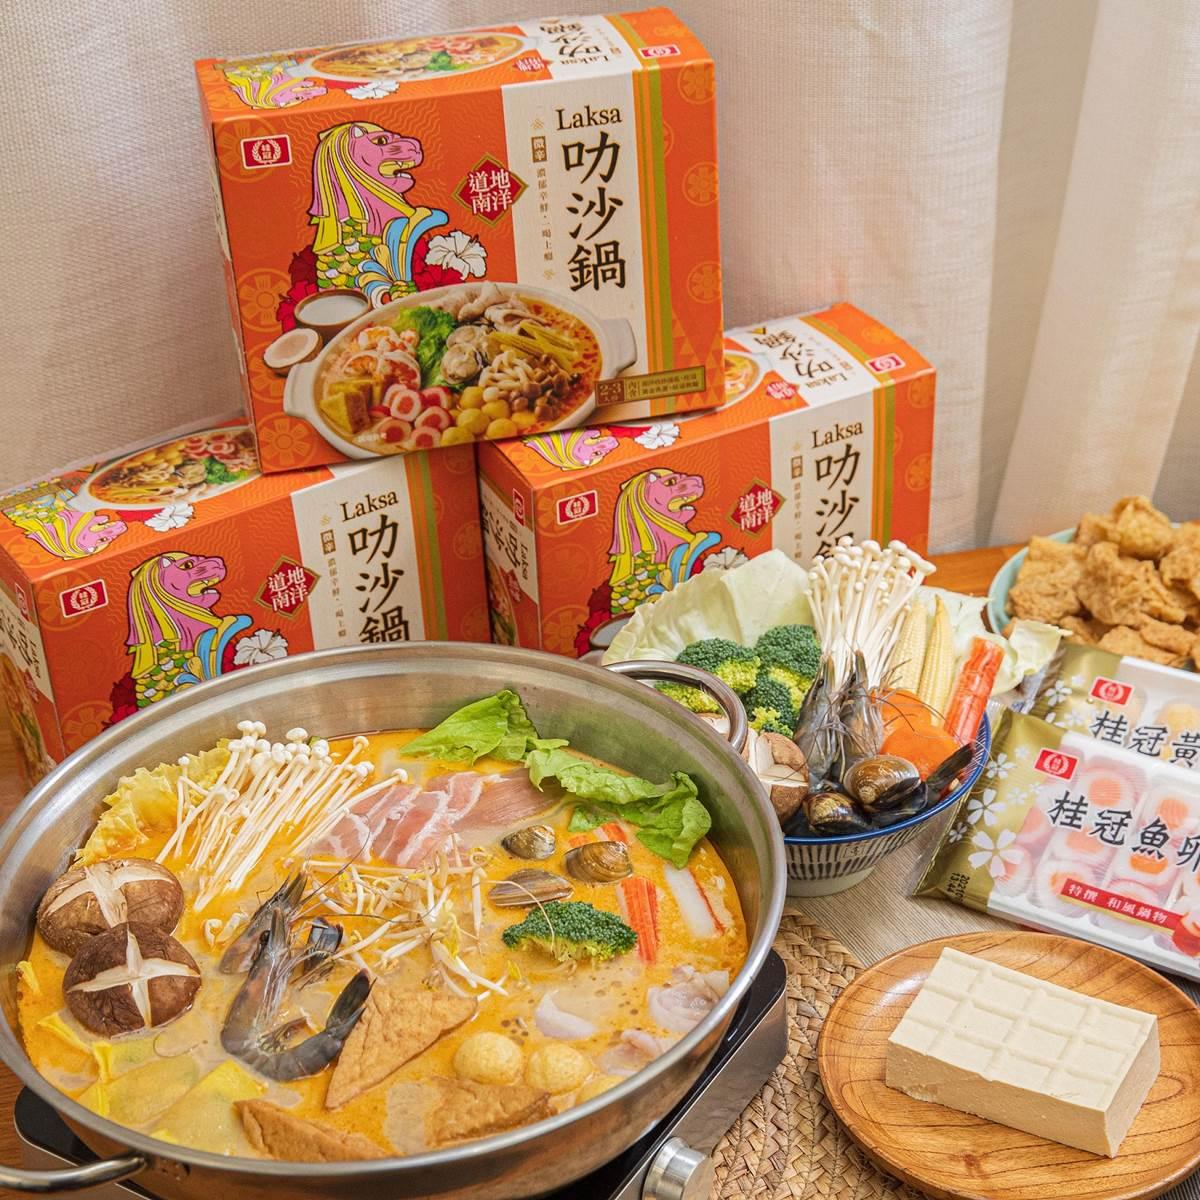 在家就能「偽出國」!桂冠新品「四國湯底火鍋組」,日式牛奶鍋、叻沙鍋、部隊鍋都有